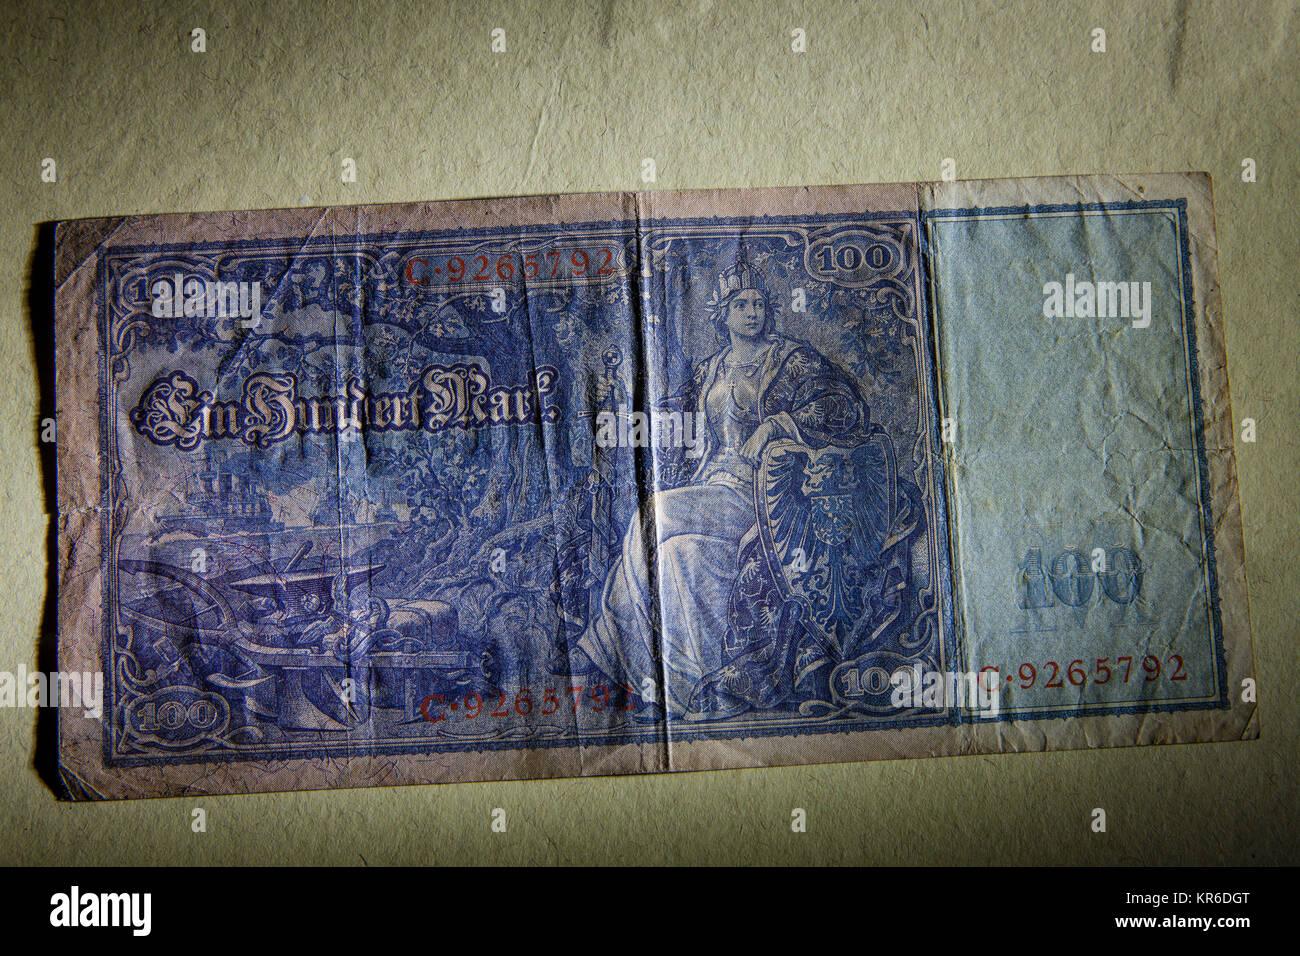 Germany, 100 Mark bank note of the German Reichsbank from 1910. -   Deutschland, 100 Mark Reichsbanknote von 1910, Stock Photo